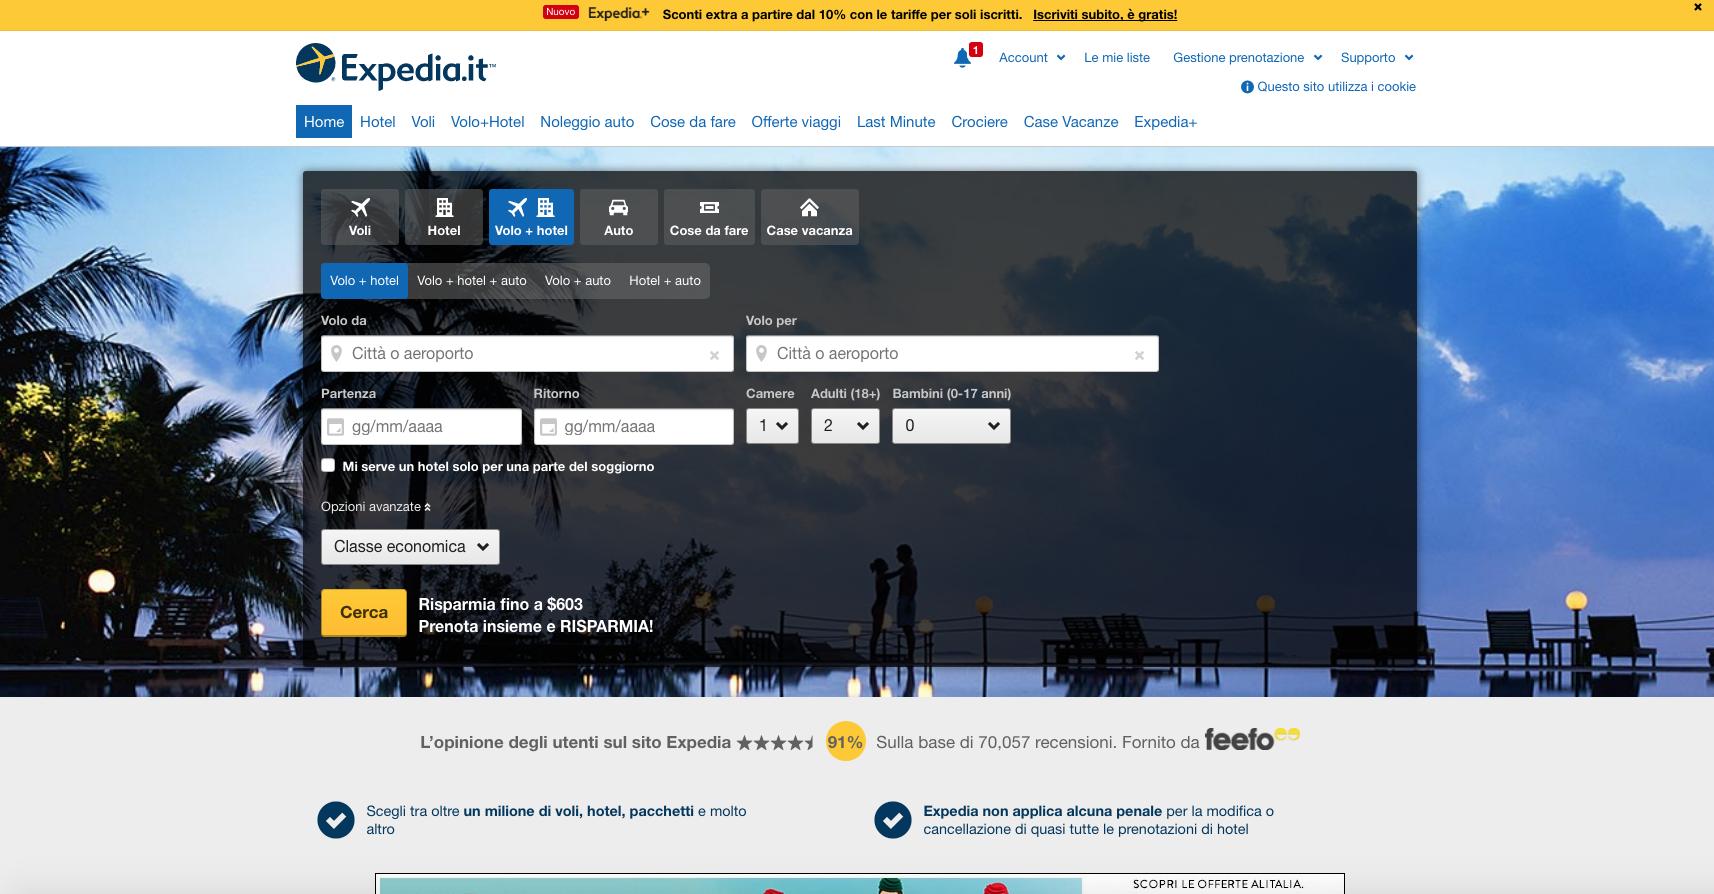 siti web di viaggi: expedia